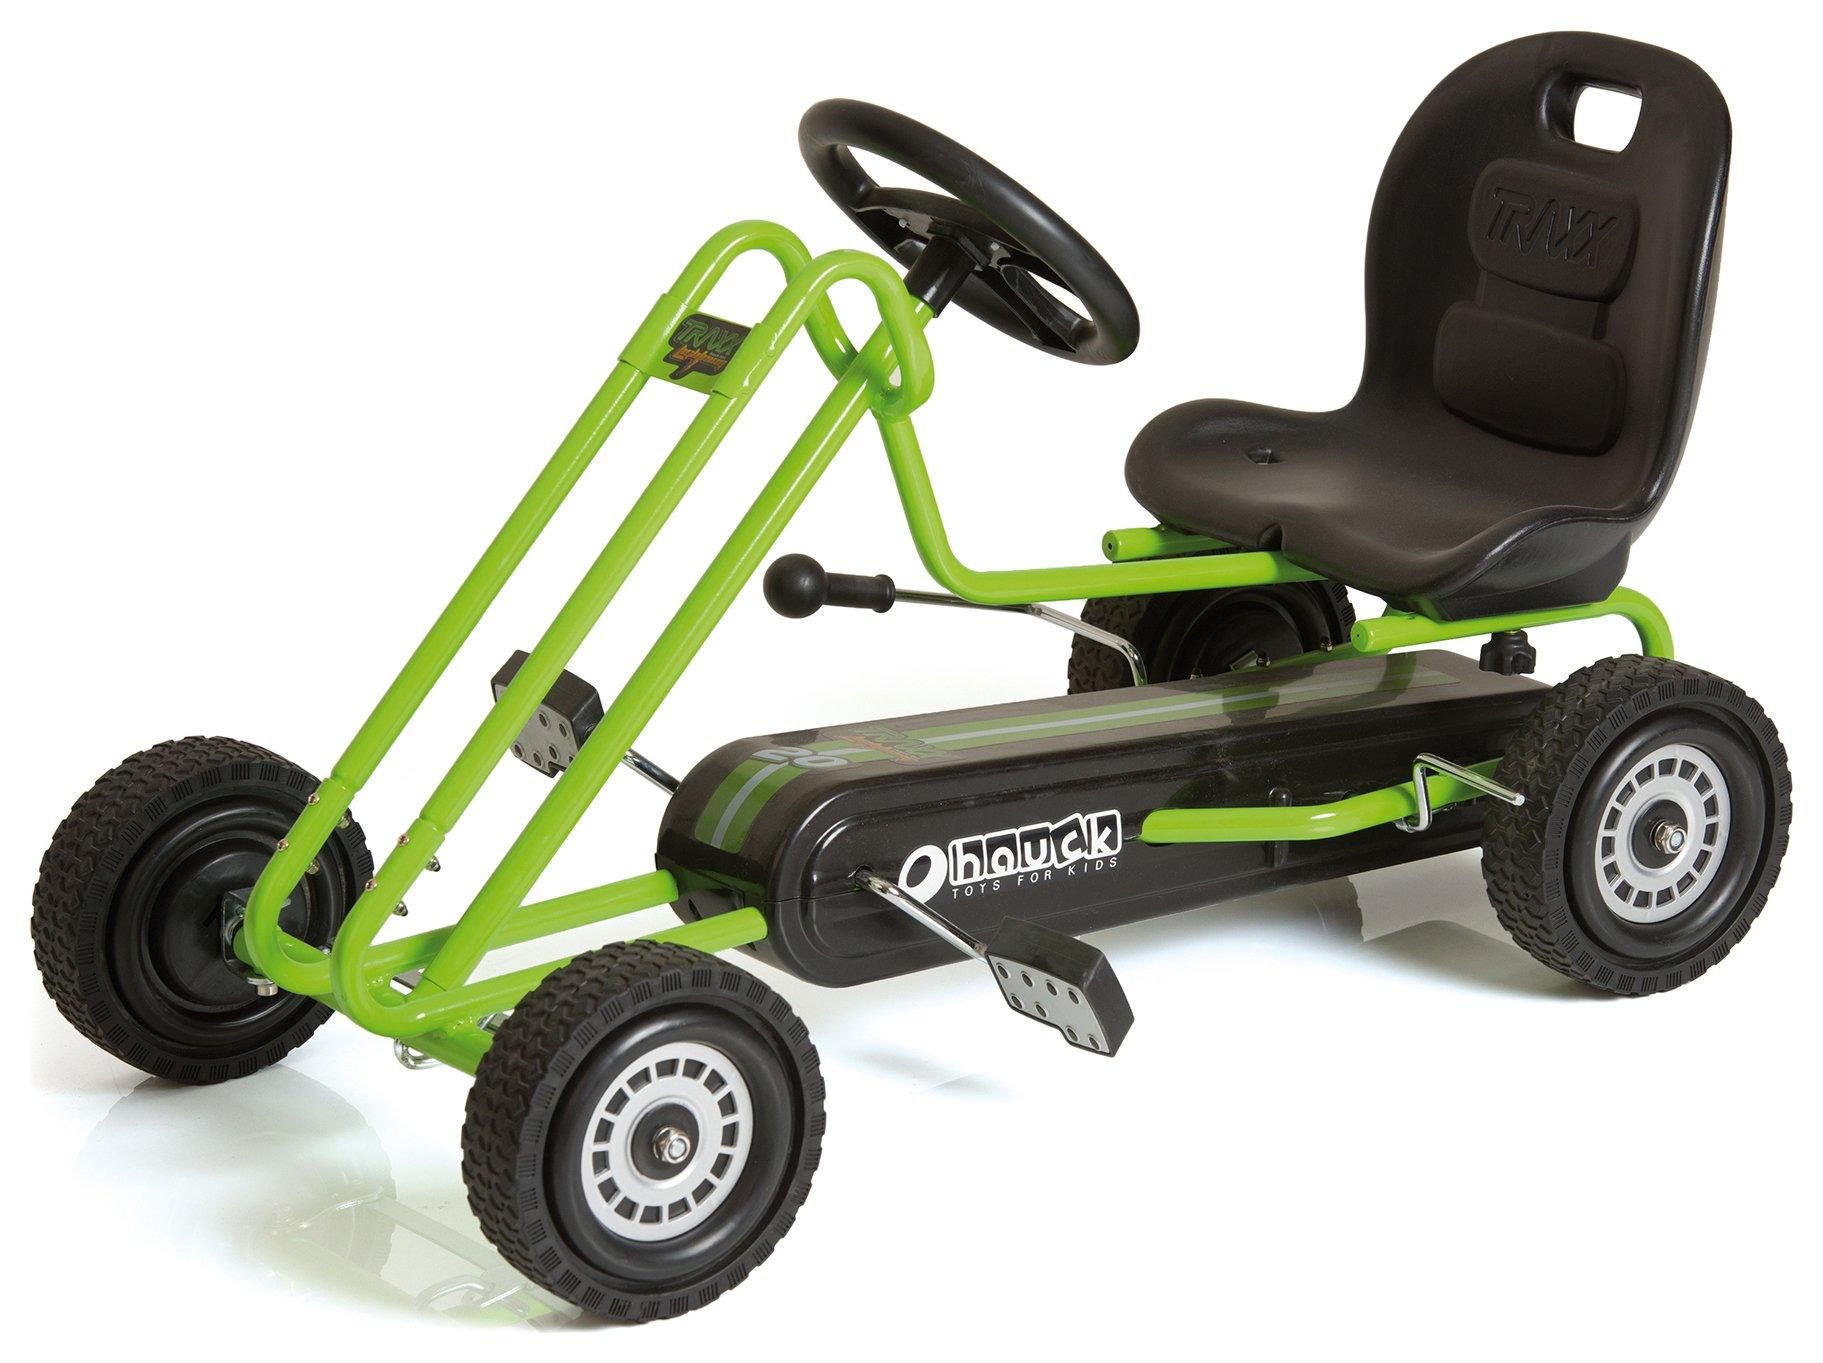 Hauck Lightening Go-Kart - Racing Green.